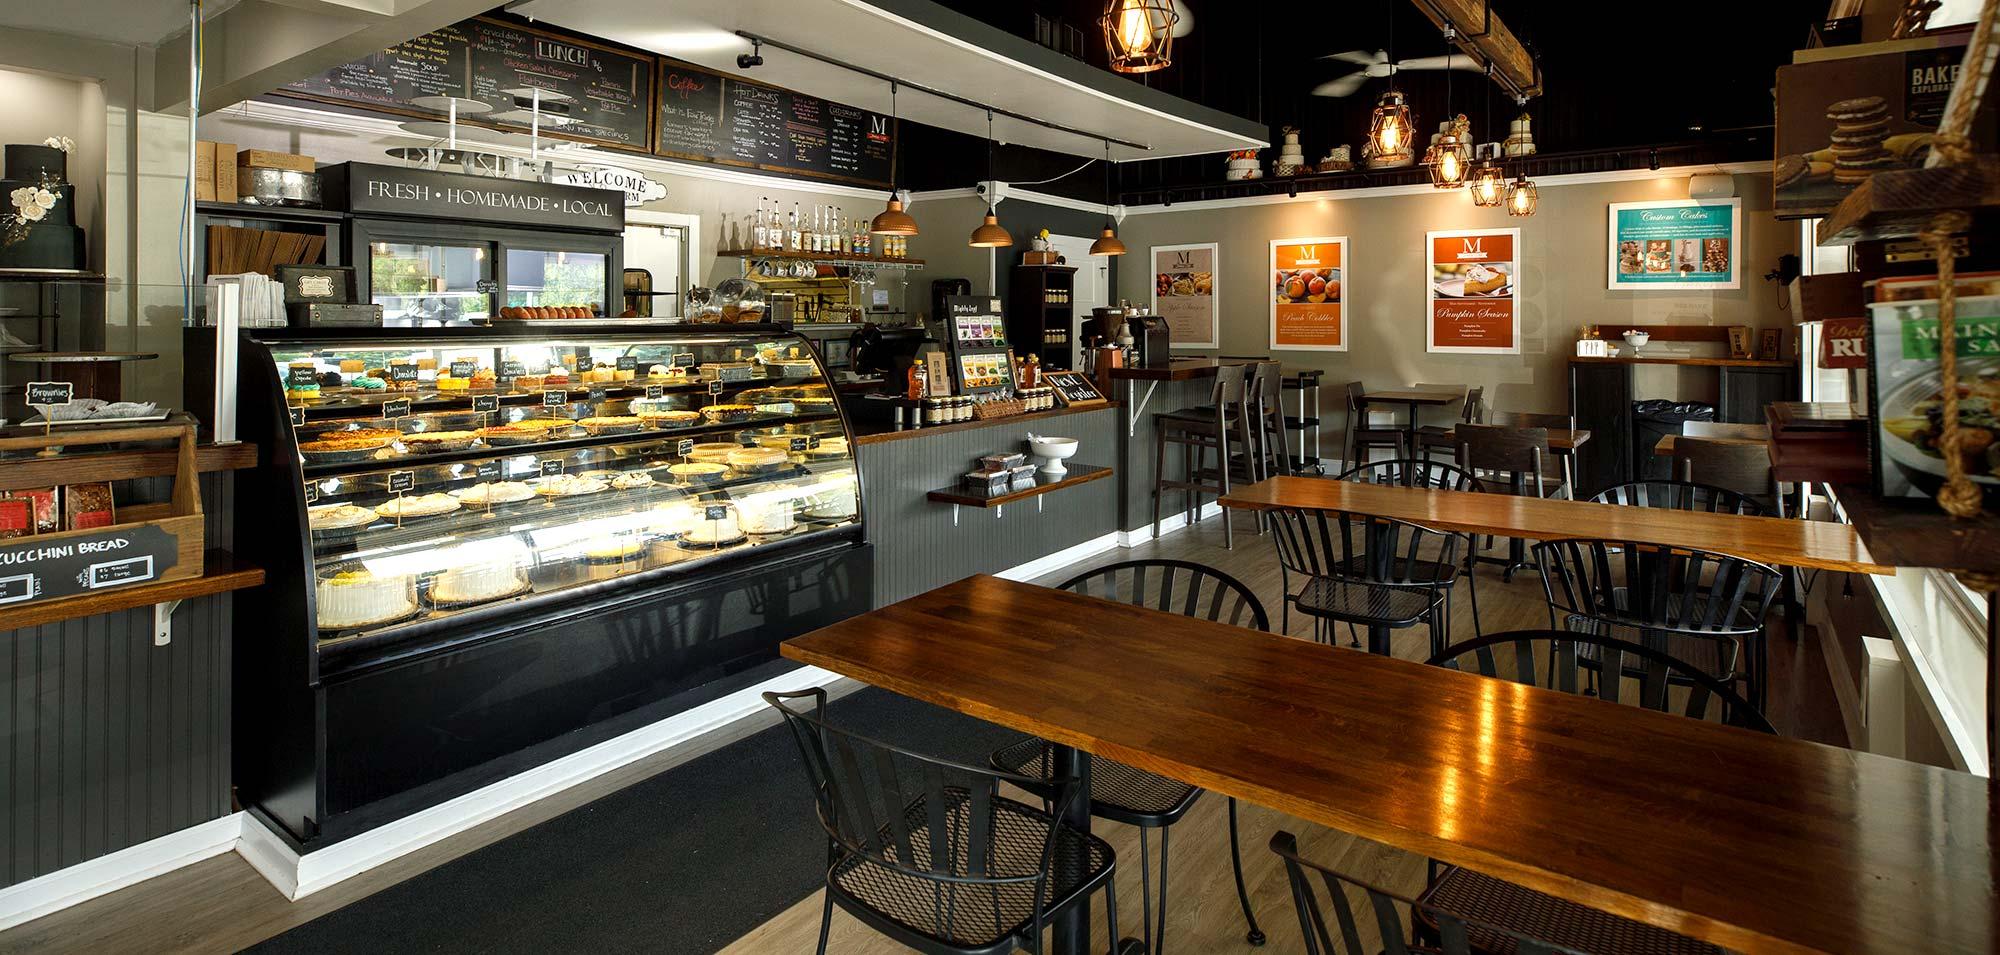 best-homemade-bakery.jpg